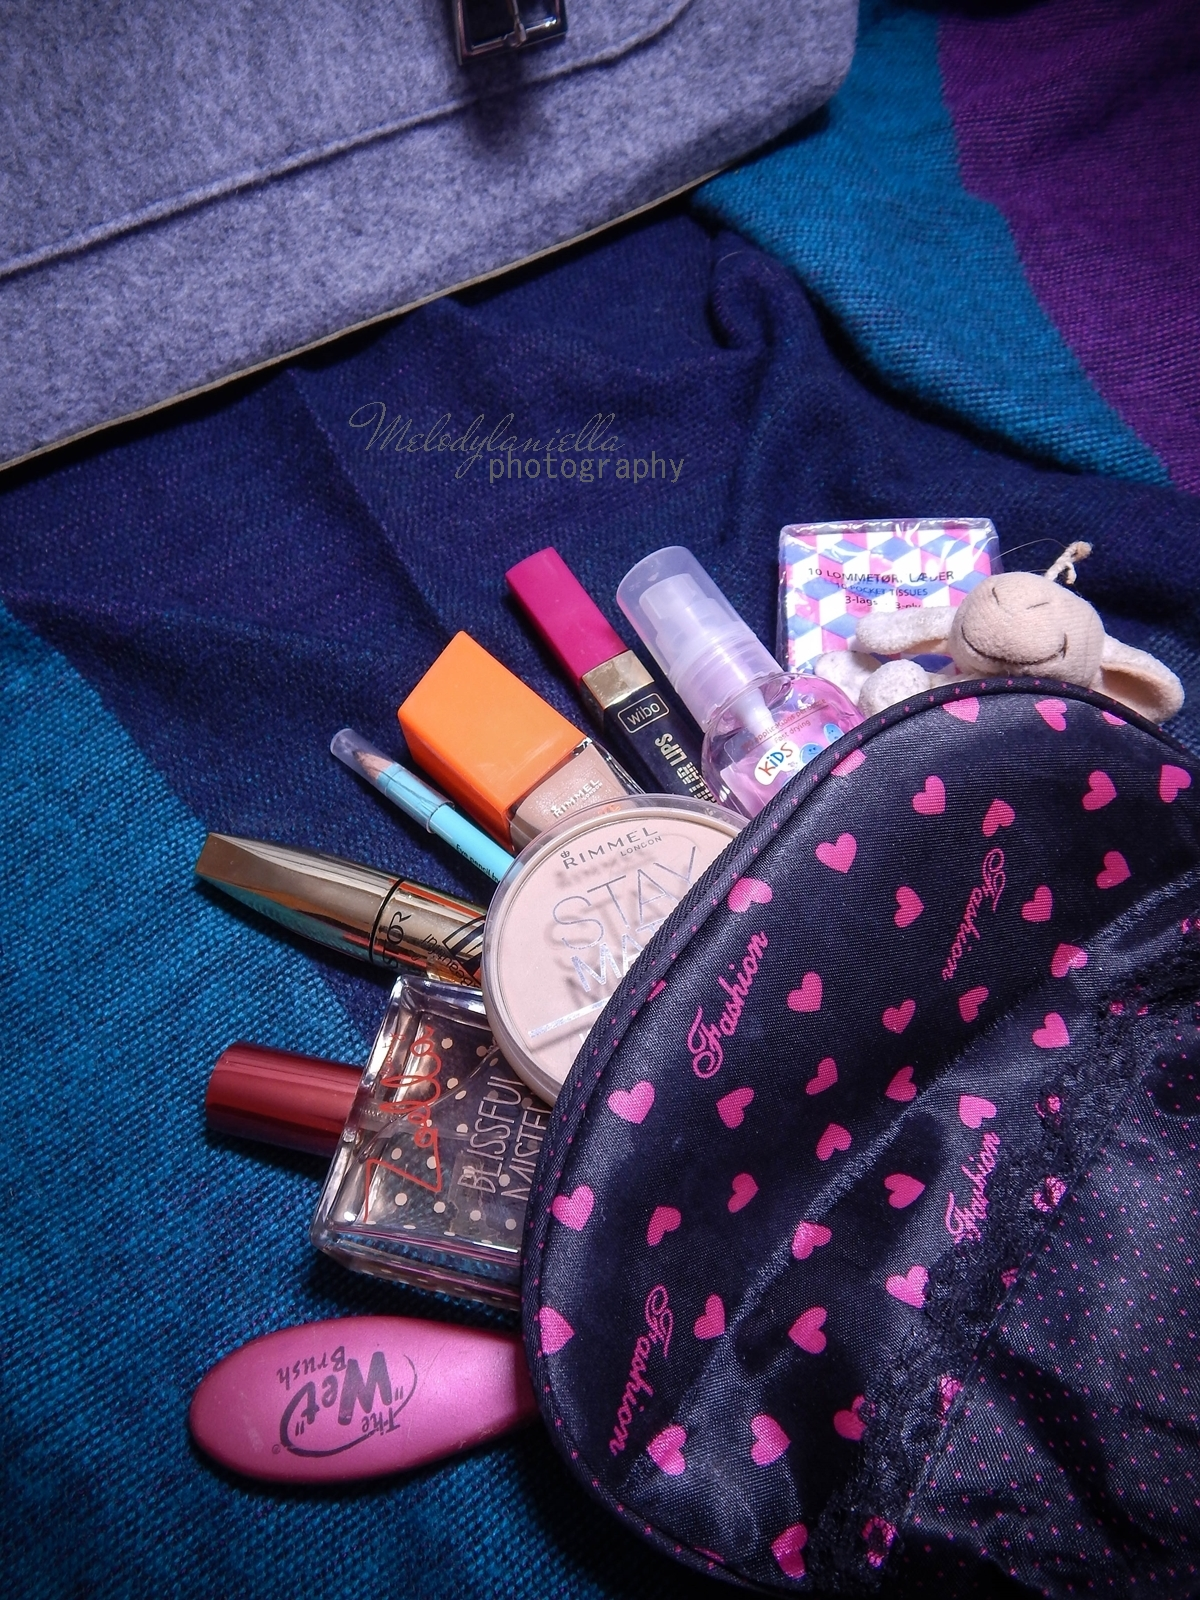 melodylaniella manzana co jest w mojej torebce filcowa jesienna listonoszka torby torba melodylaniella